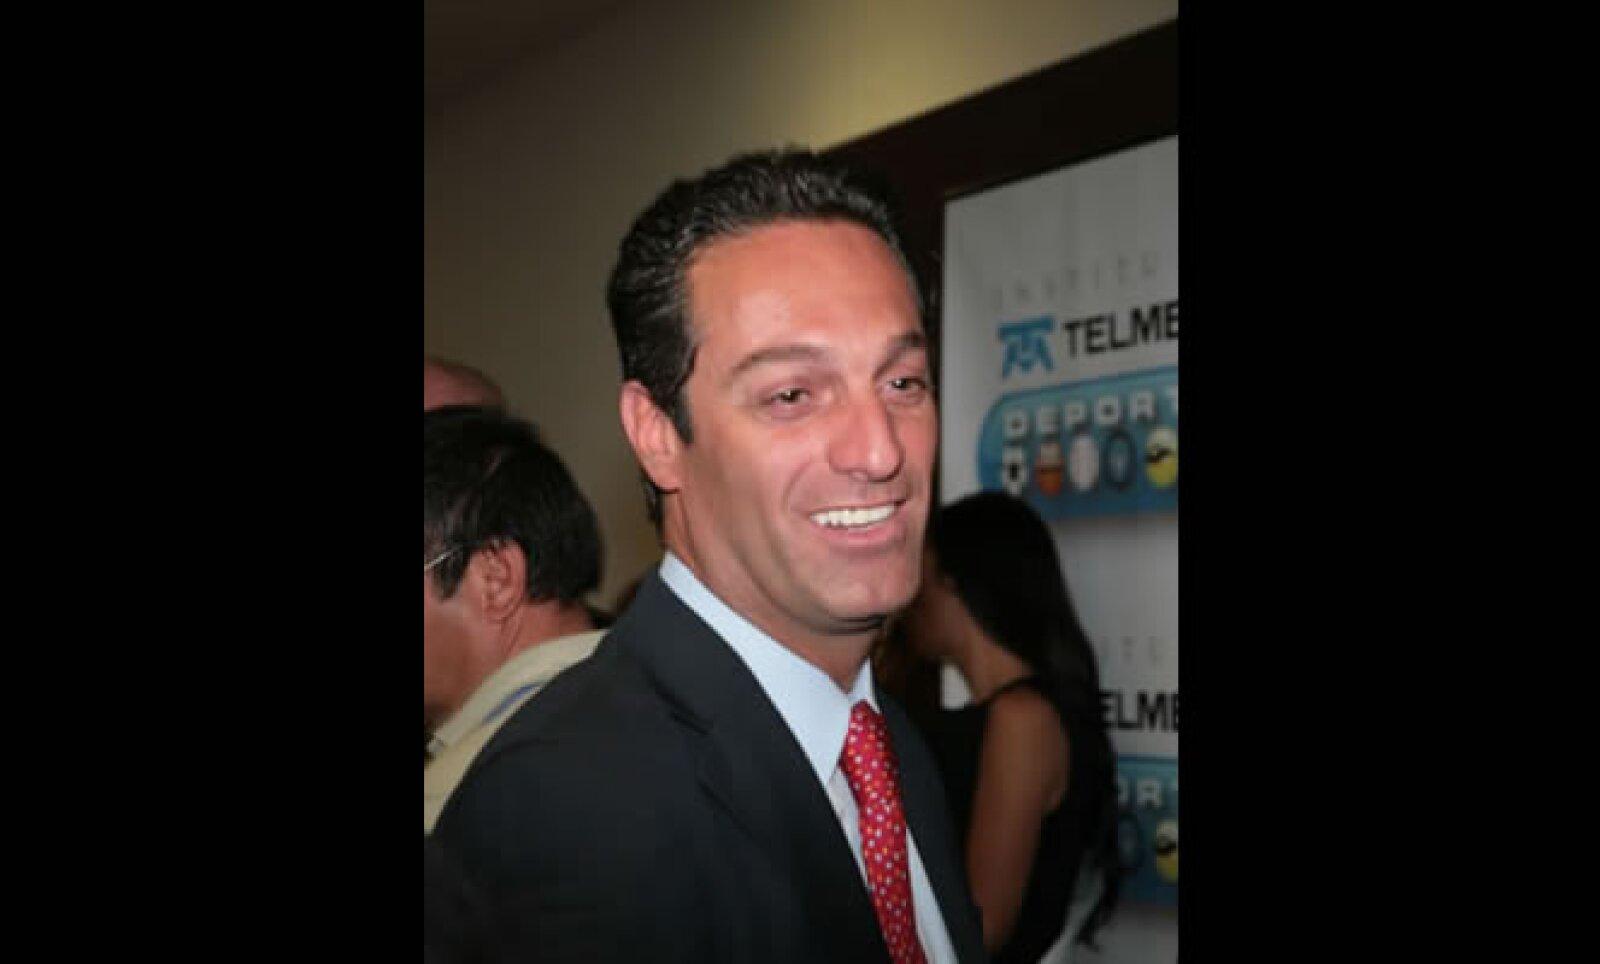 Carlos Slim Domit, presidente del Consejo de Administración de Telmex, se casará el 9 de octubre con María Elena Torruco en el DF.